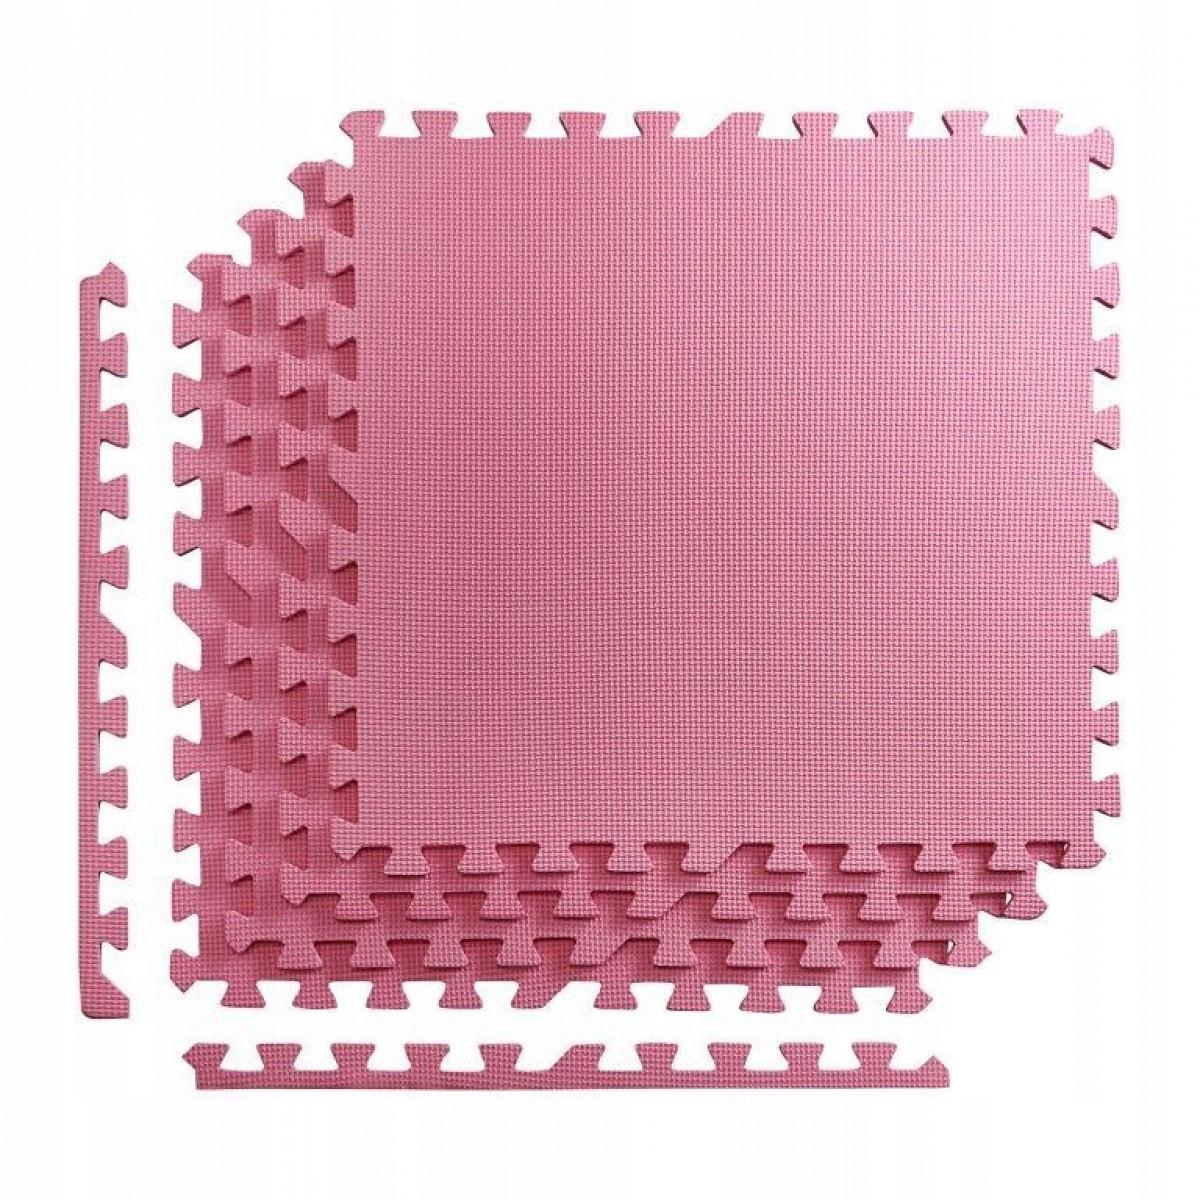 Мат-пазл (ластівчин хвіст) 4FIZJO Mat Puzzle EVA 120 x 120 x 1 см 4FJ0079 Pink